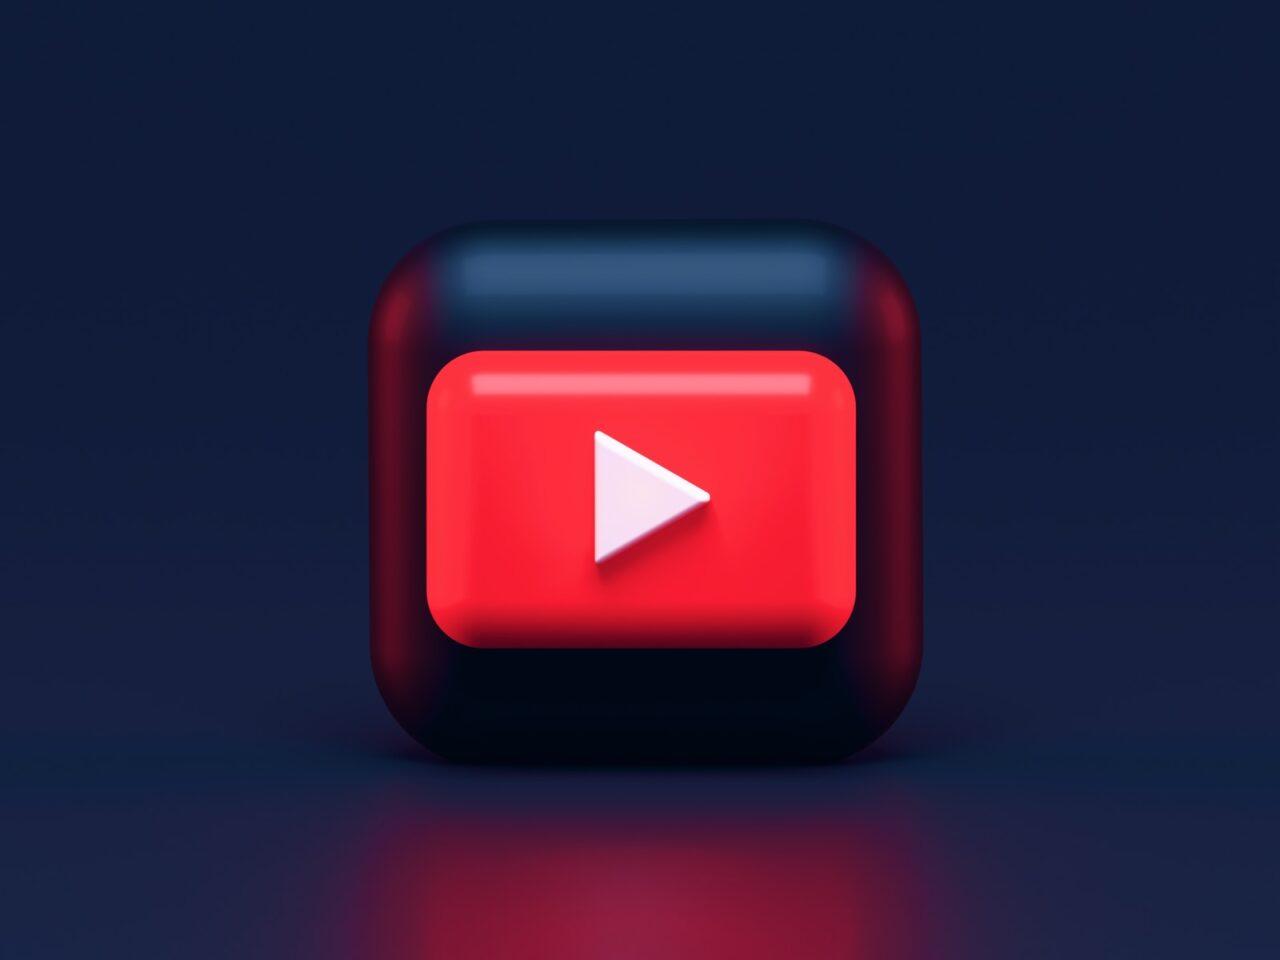 まとめ:Udemyは「YouTube以上、通信講座未満」